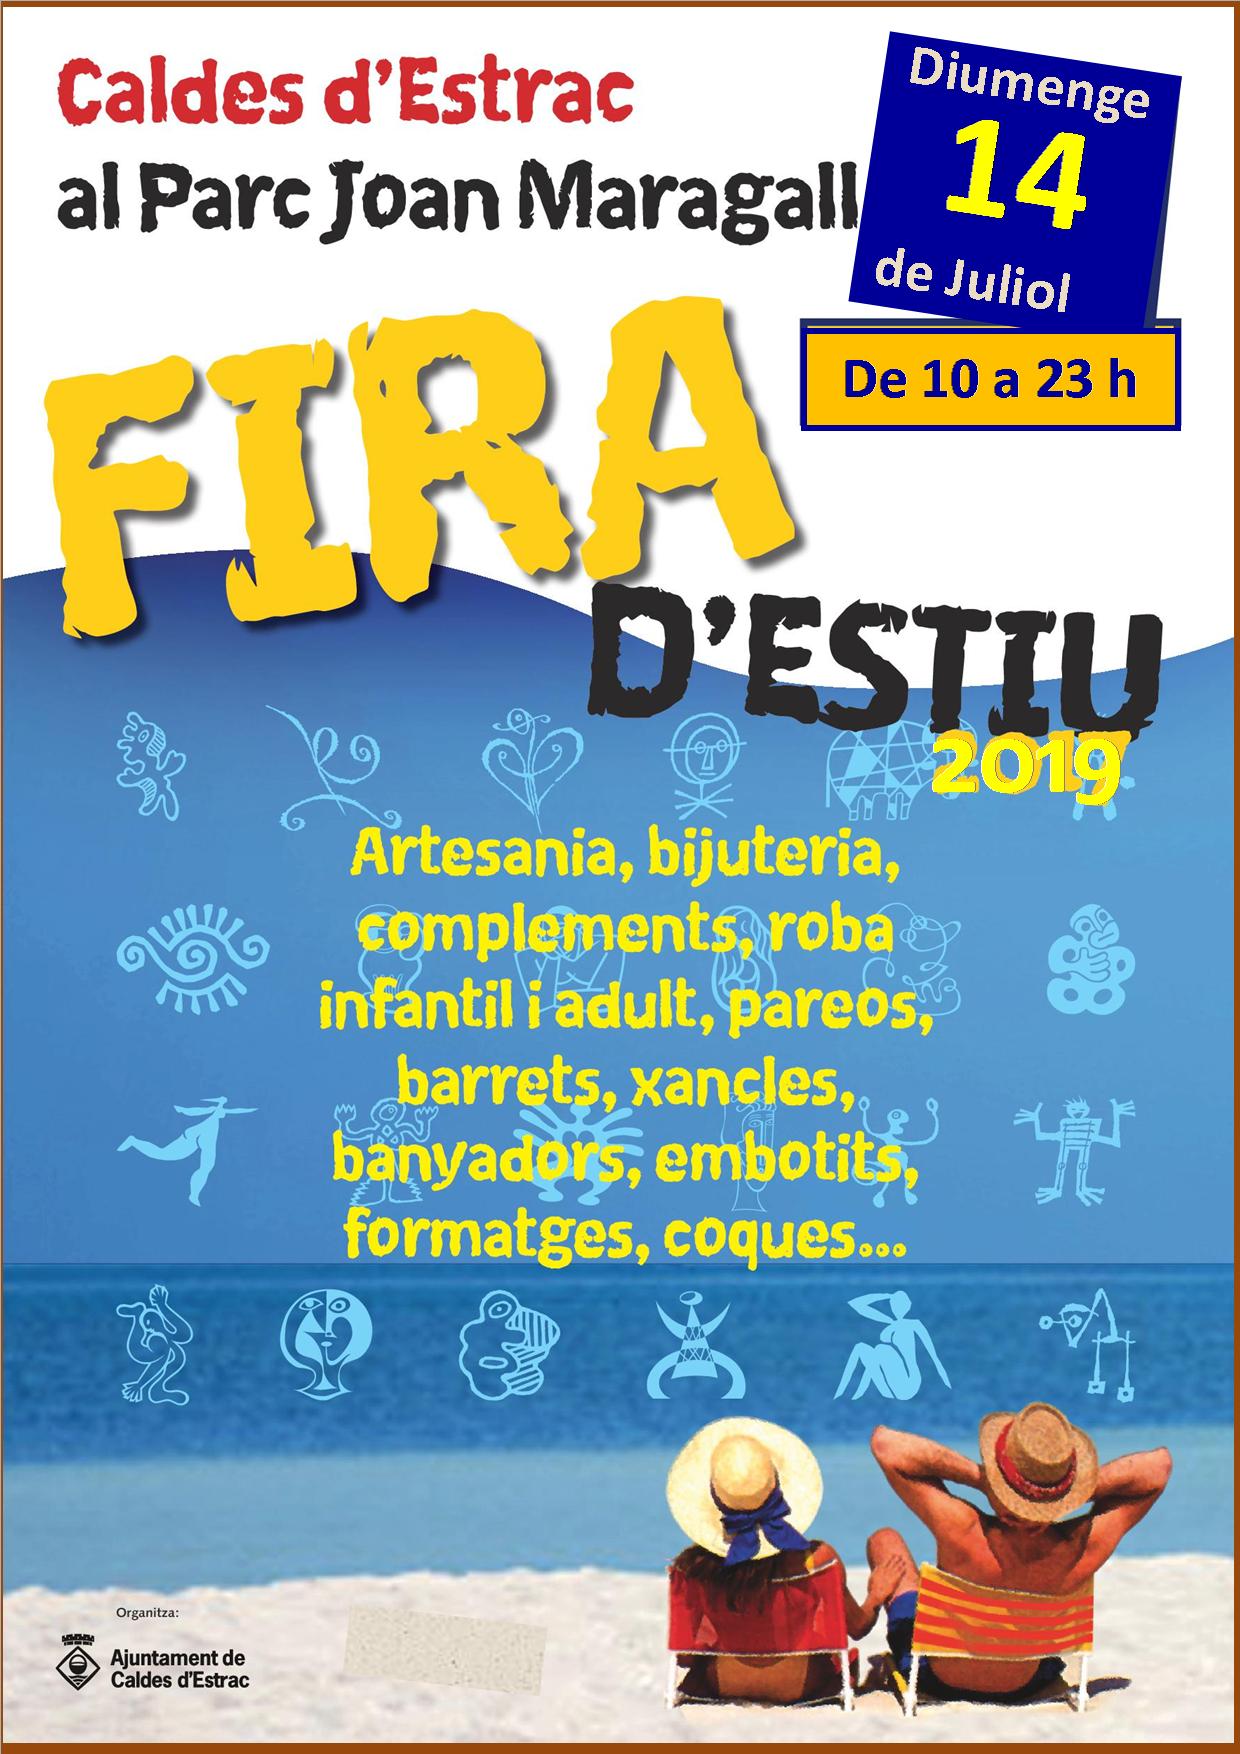 http://www.caldetes.cat/ARXIUS/propostes/2019/cartell_fireta_estiu_14_juliol_2019.1.png